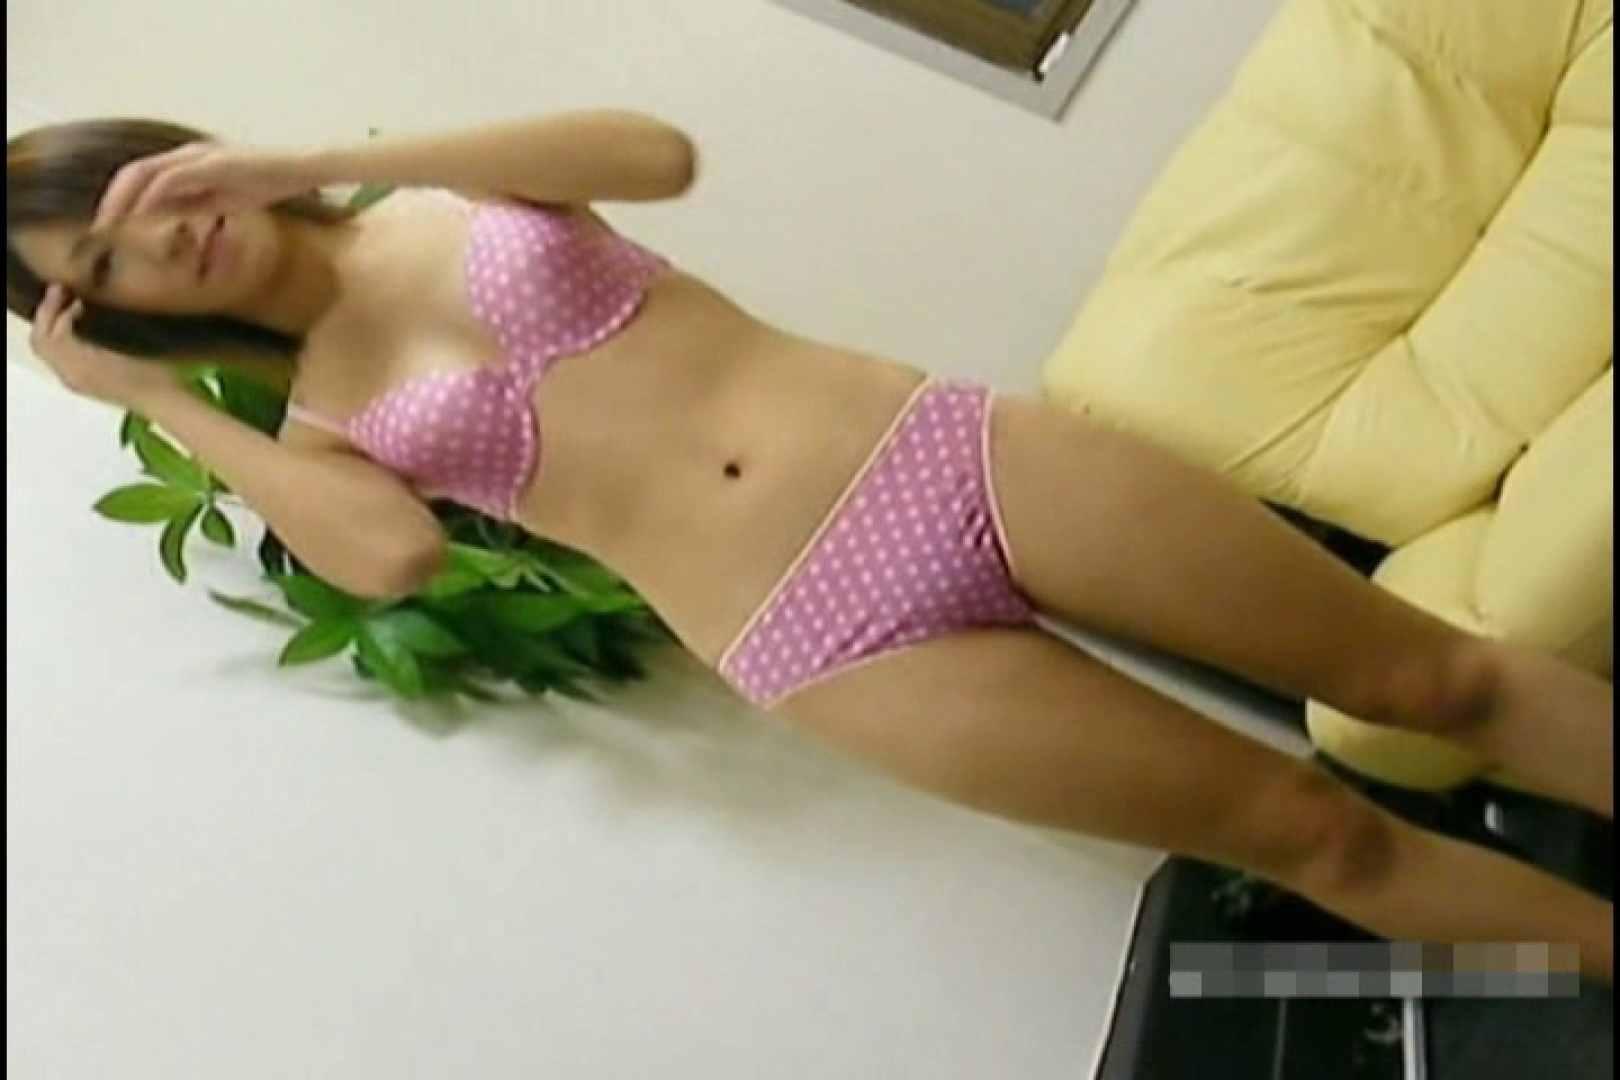 素人撮影 下着だけの撮影のはずが・・・れみ18歳 乳首 おめこ無修正動画無料 77枚 68